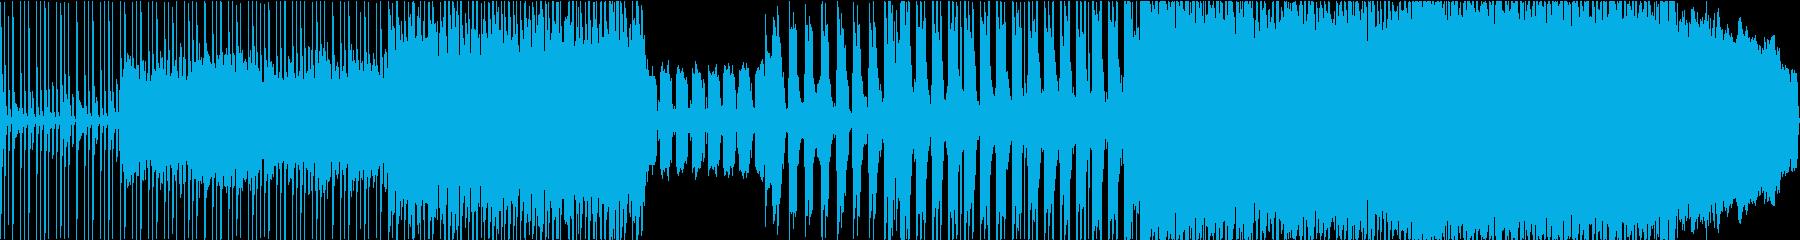 疾走感のあるバンドピースのロックサウンドの再生済みの波形